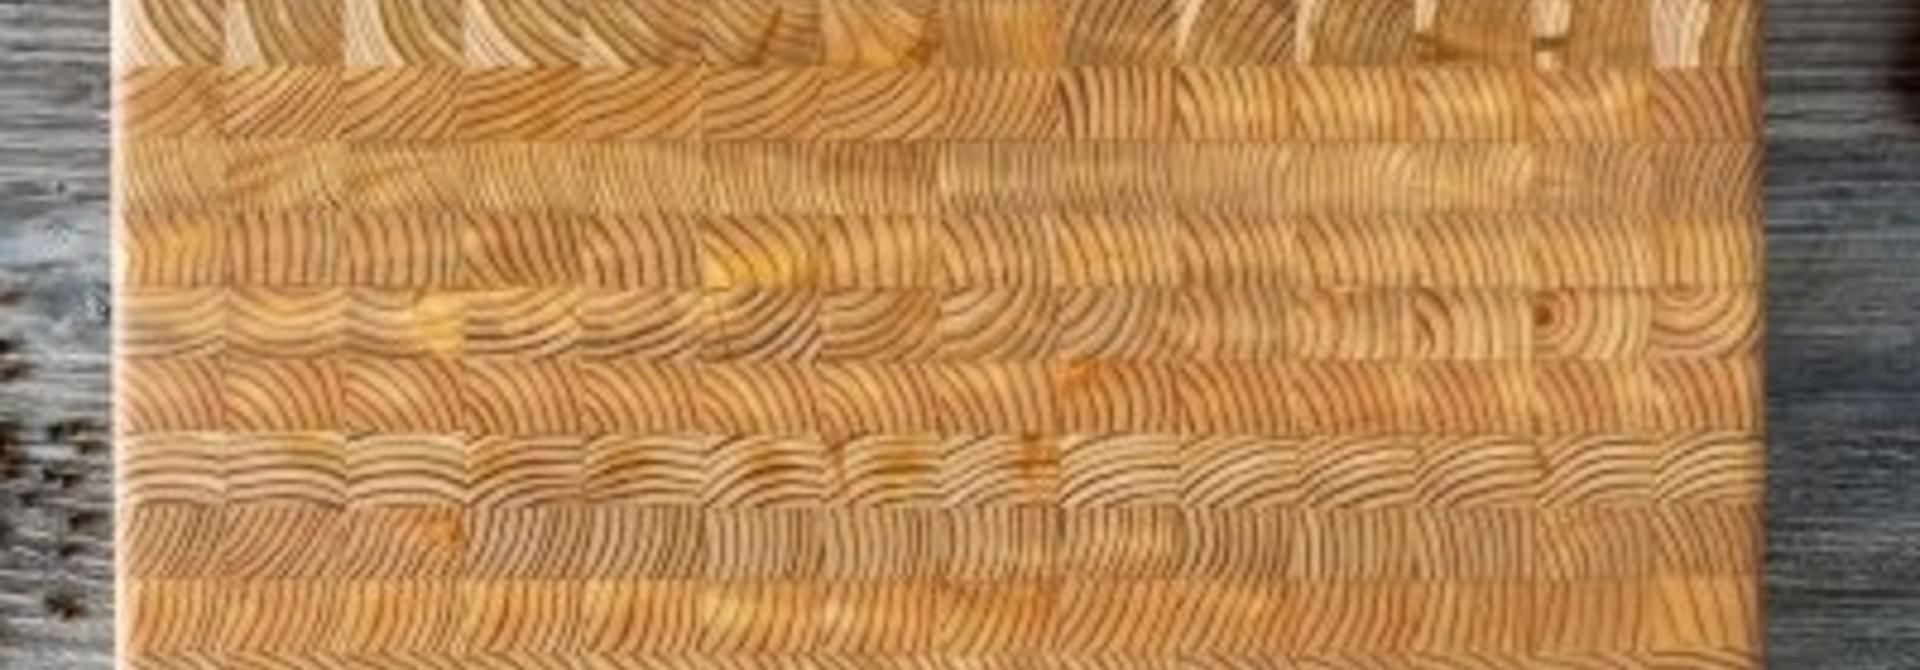 Cutting Board - Medium